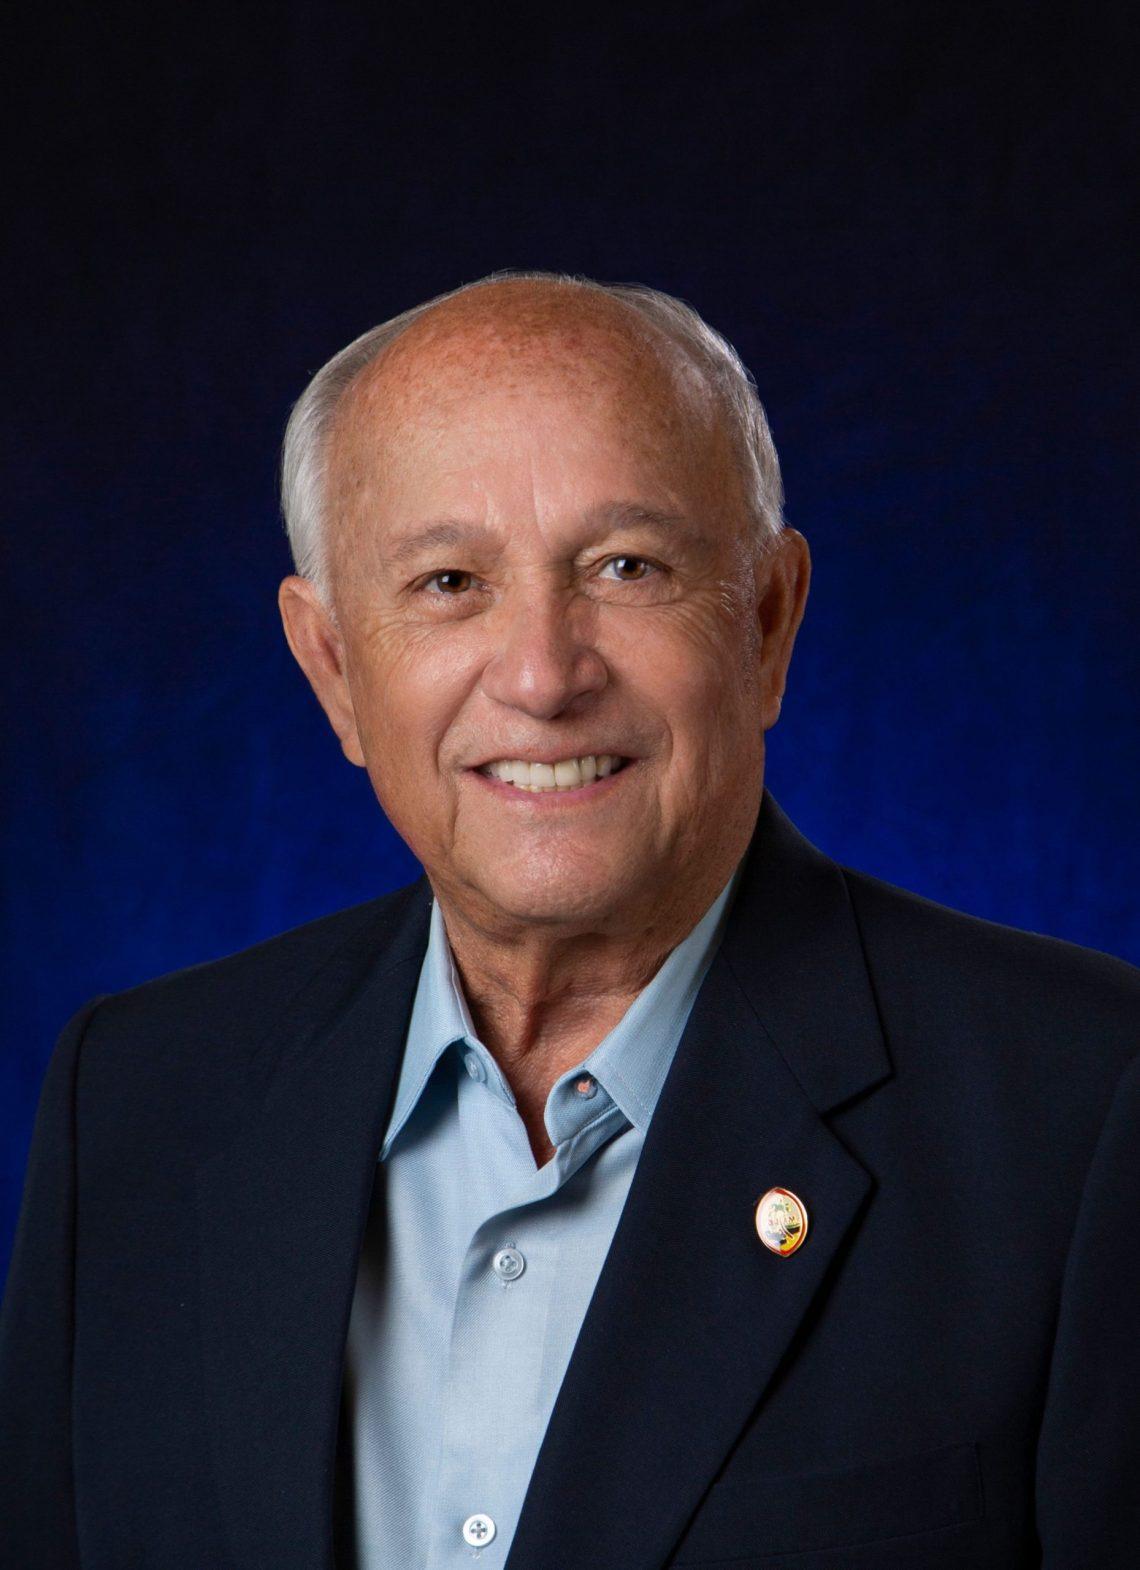 Der GVB-Vorstand wählt Gutierrez & Perez als weiteren Leiter des Guam Visitors Bureau